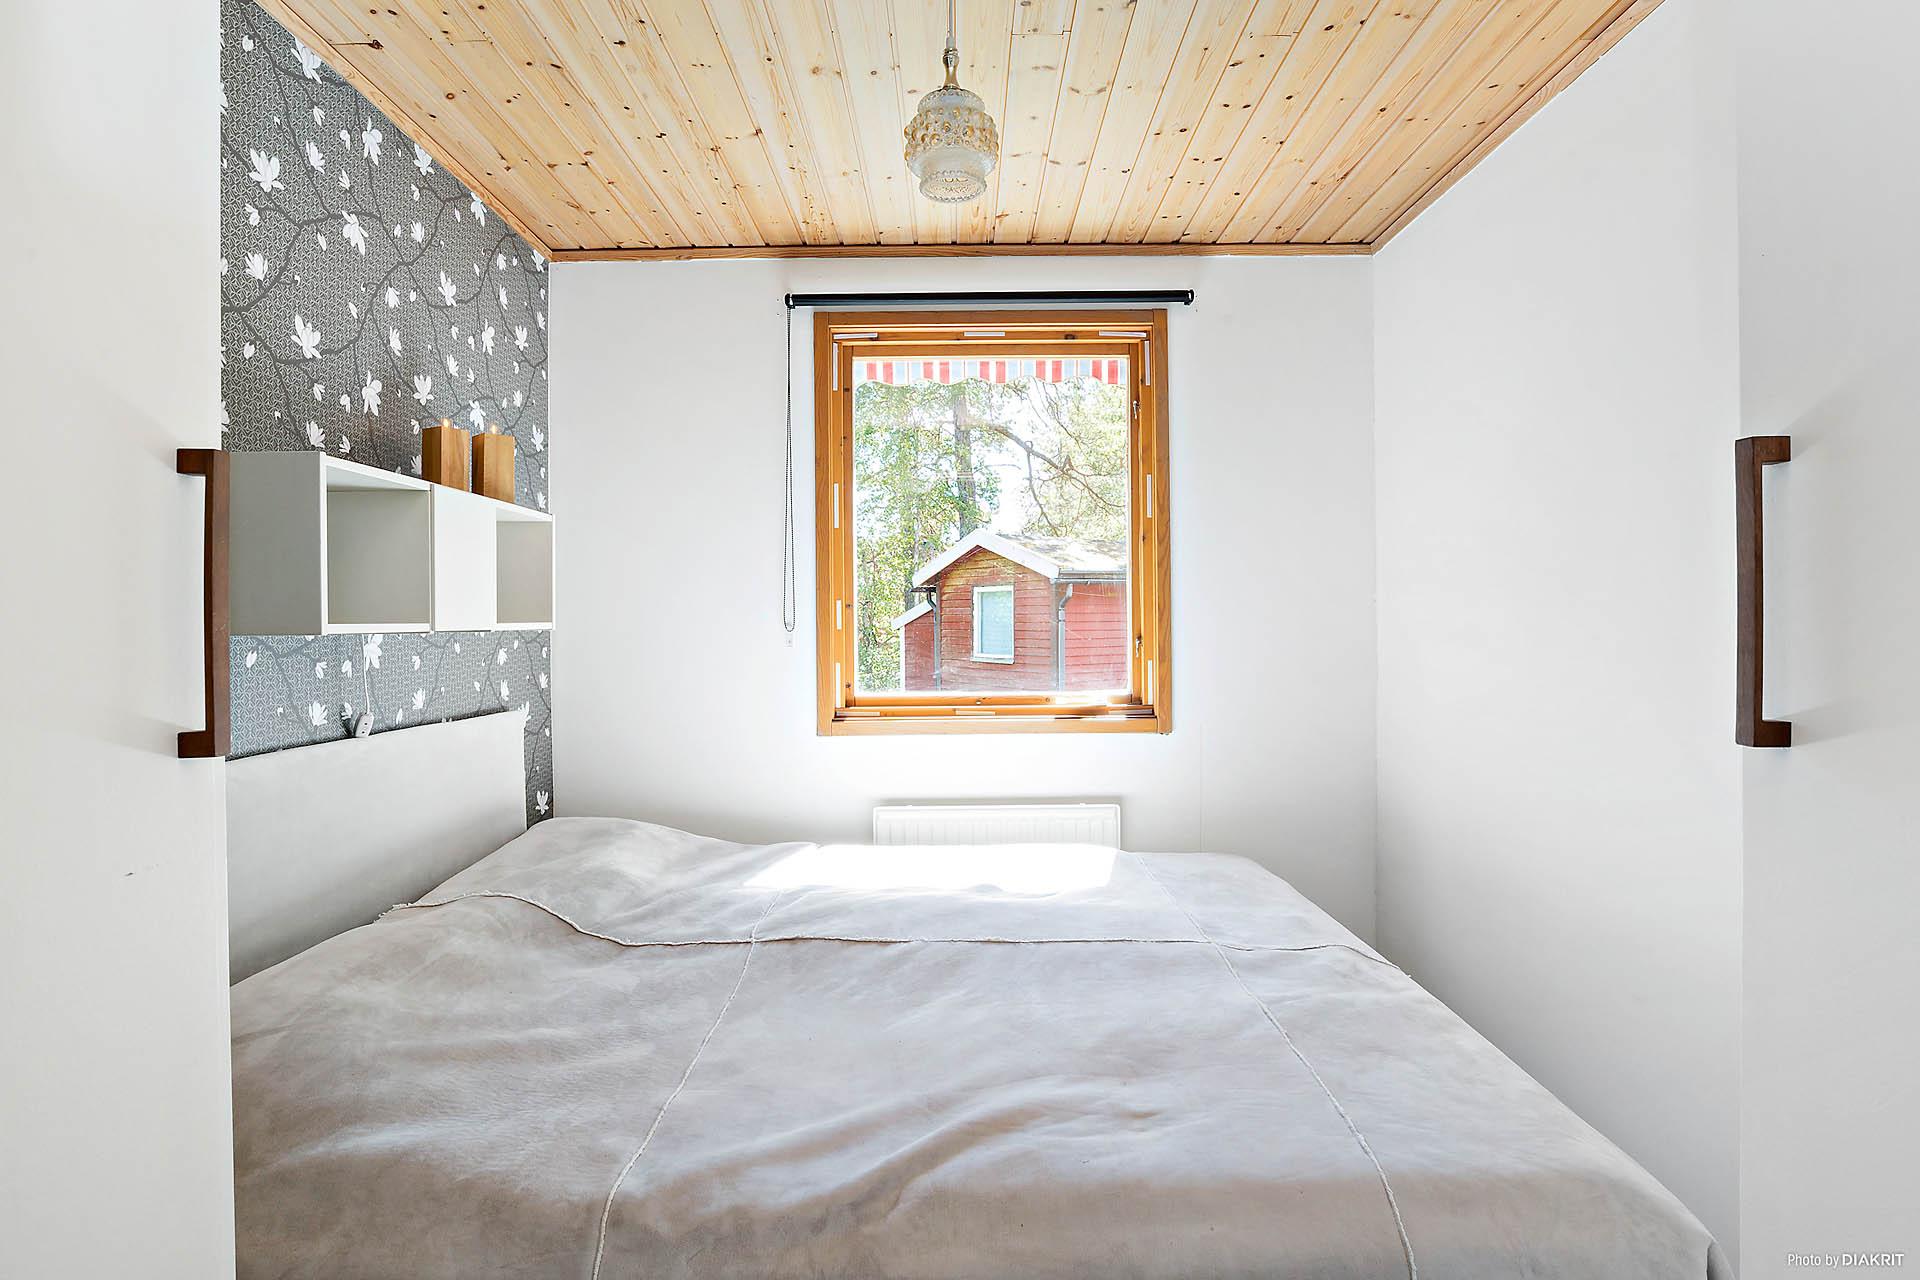 Stora sovrummet med fönster mot baksidan